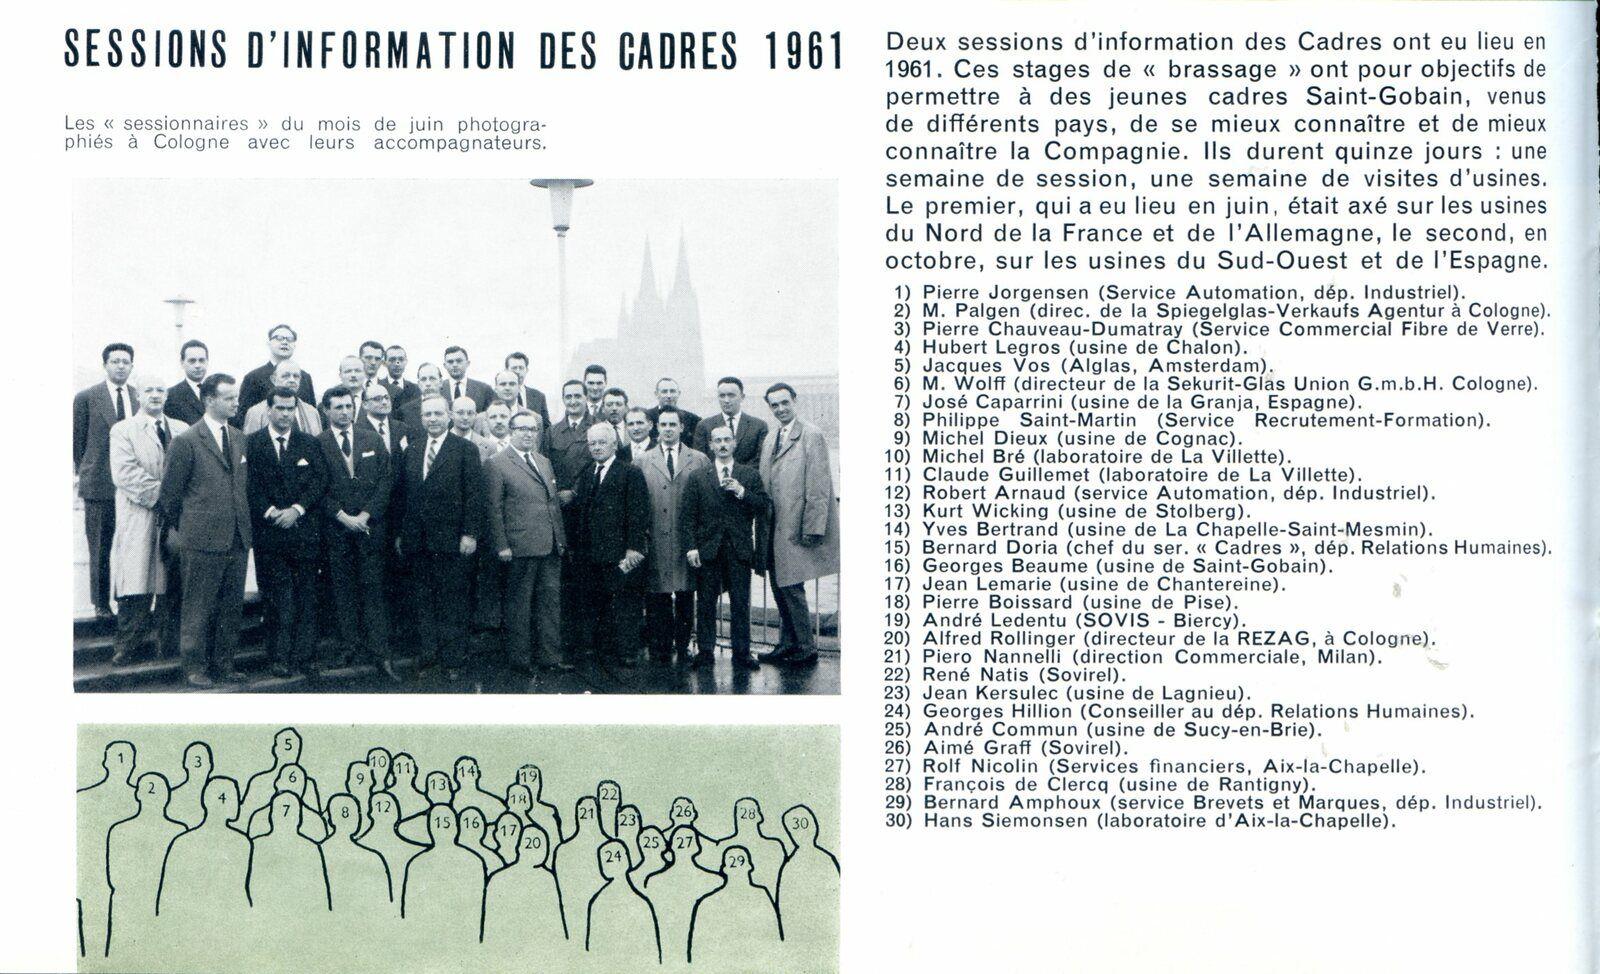 Album- groupe Saint-Gobain, la formation des Hommes et des Femmes ( cadres maitrises) à Saint-Gobain